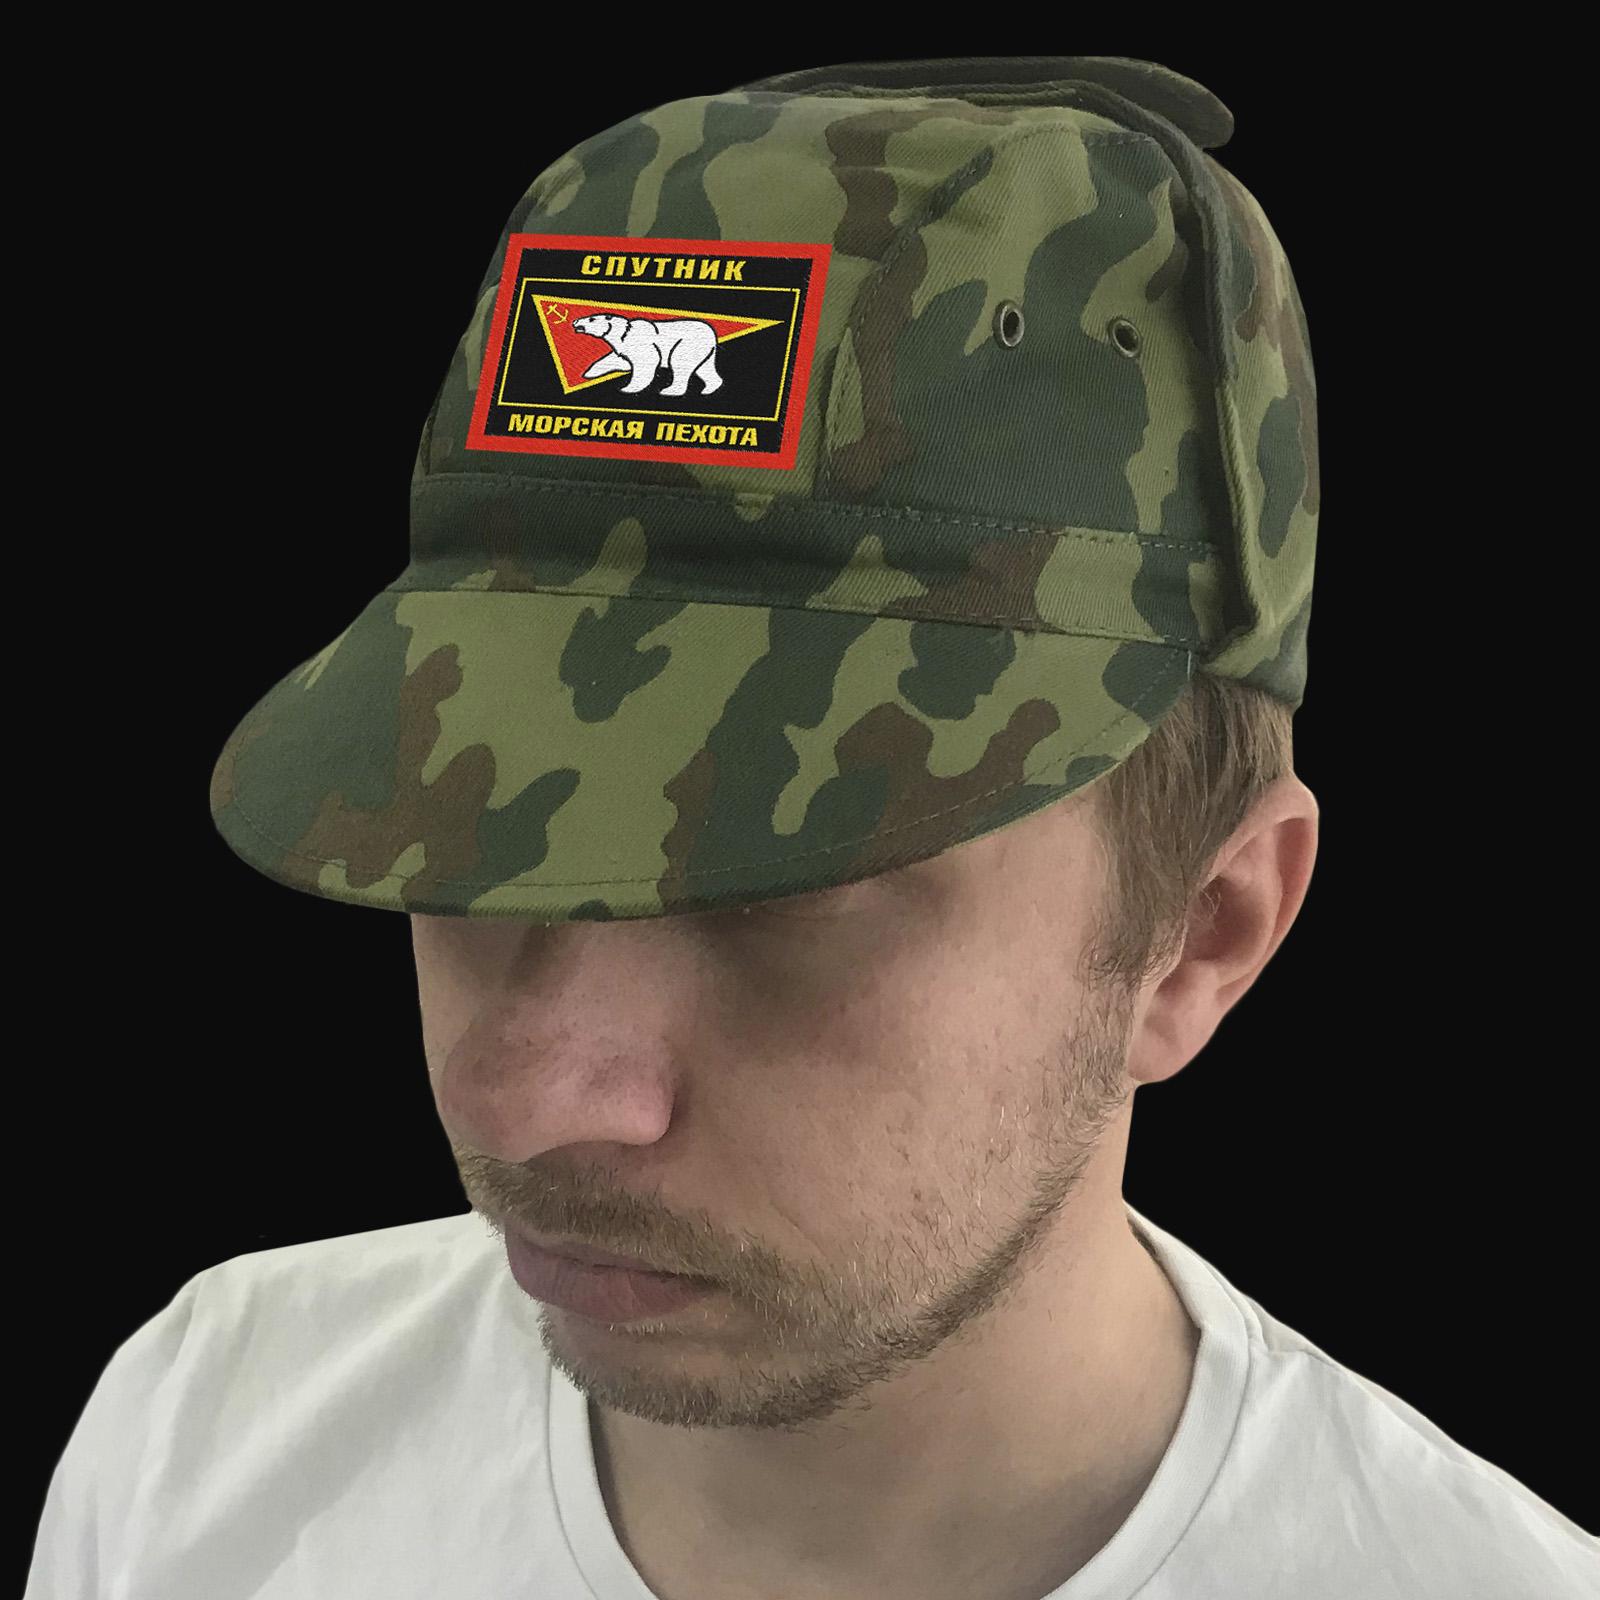 Кепка-маскировка с шевроном «Морская пехота, Спутник».